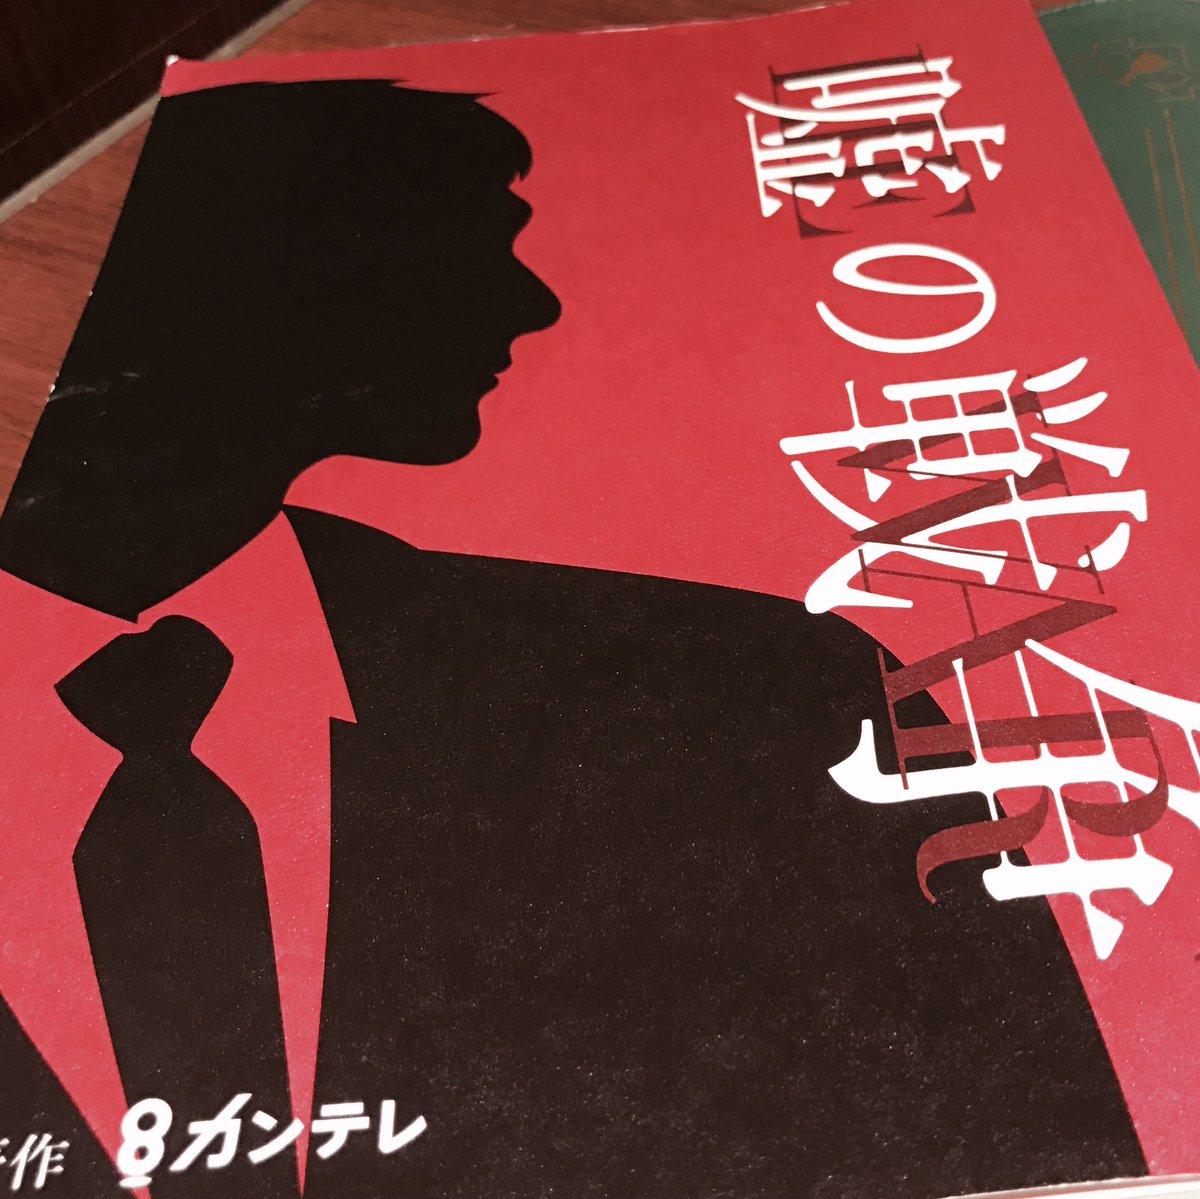 台本。 本日 2/28 火曜日 よる9時〜 #嘘の戦争 第8話。 https://t.co/1vquu0UqFd